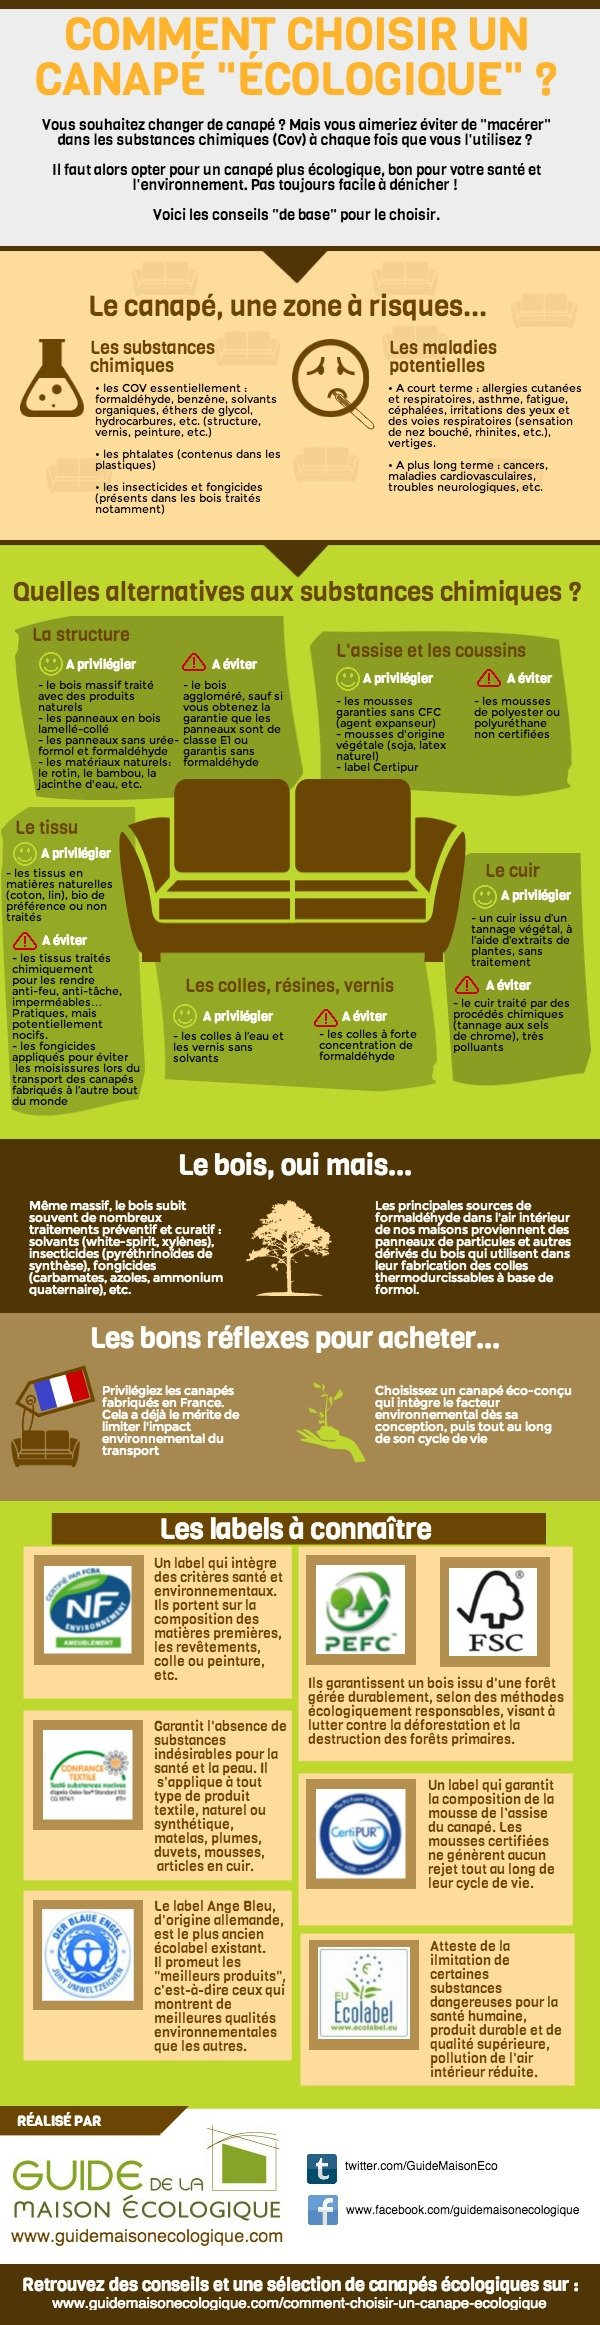 infographie choisir canapé écologique